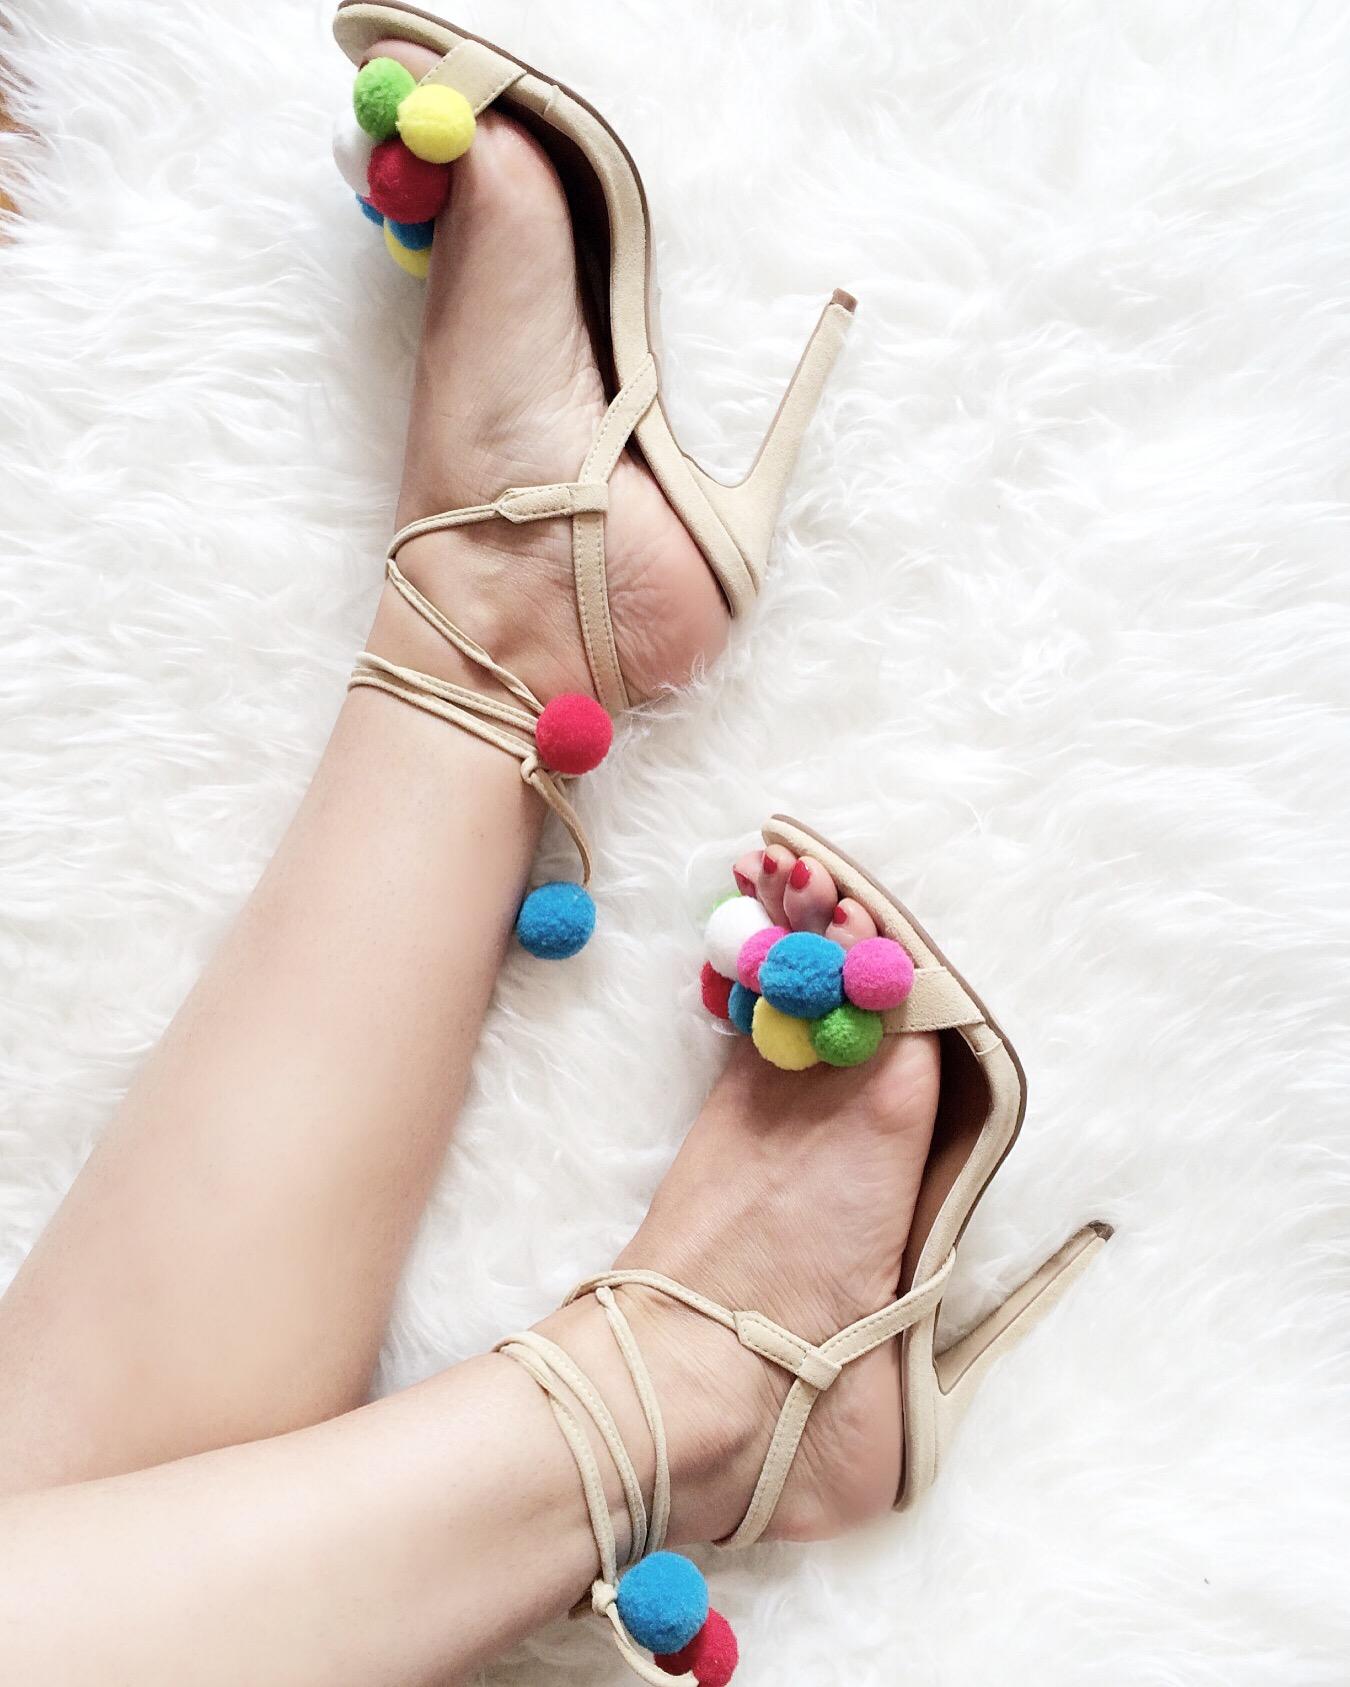 jessica-buurman-shoes-Zone-comcept-milk-shake-nuovi-prodotti-per-capelli-fahion-valentina-coco-blogger